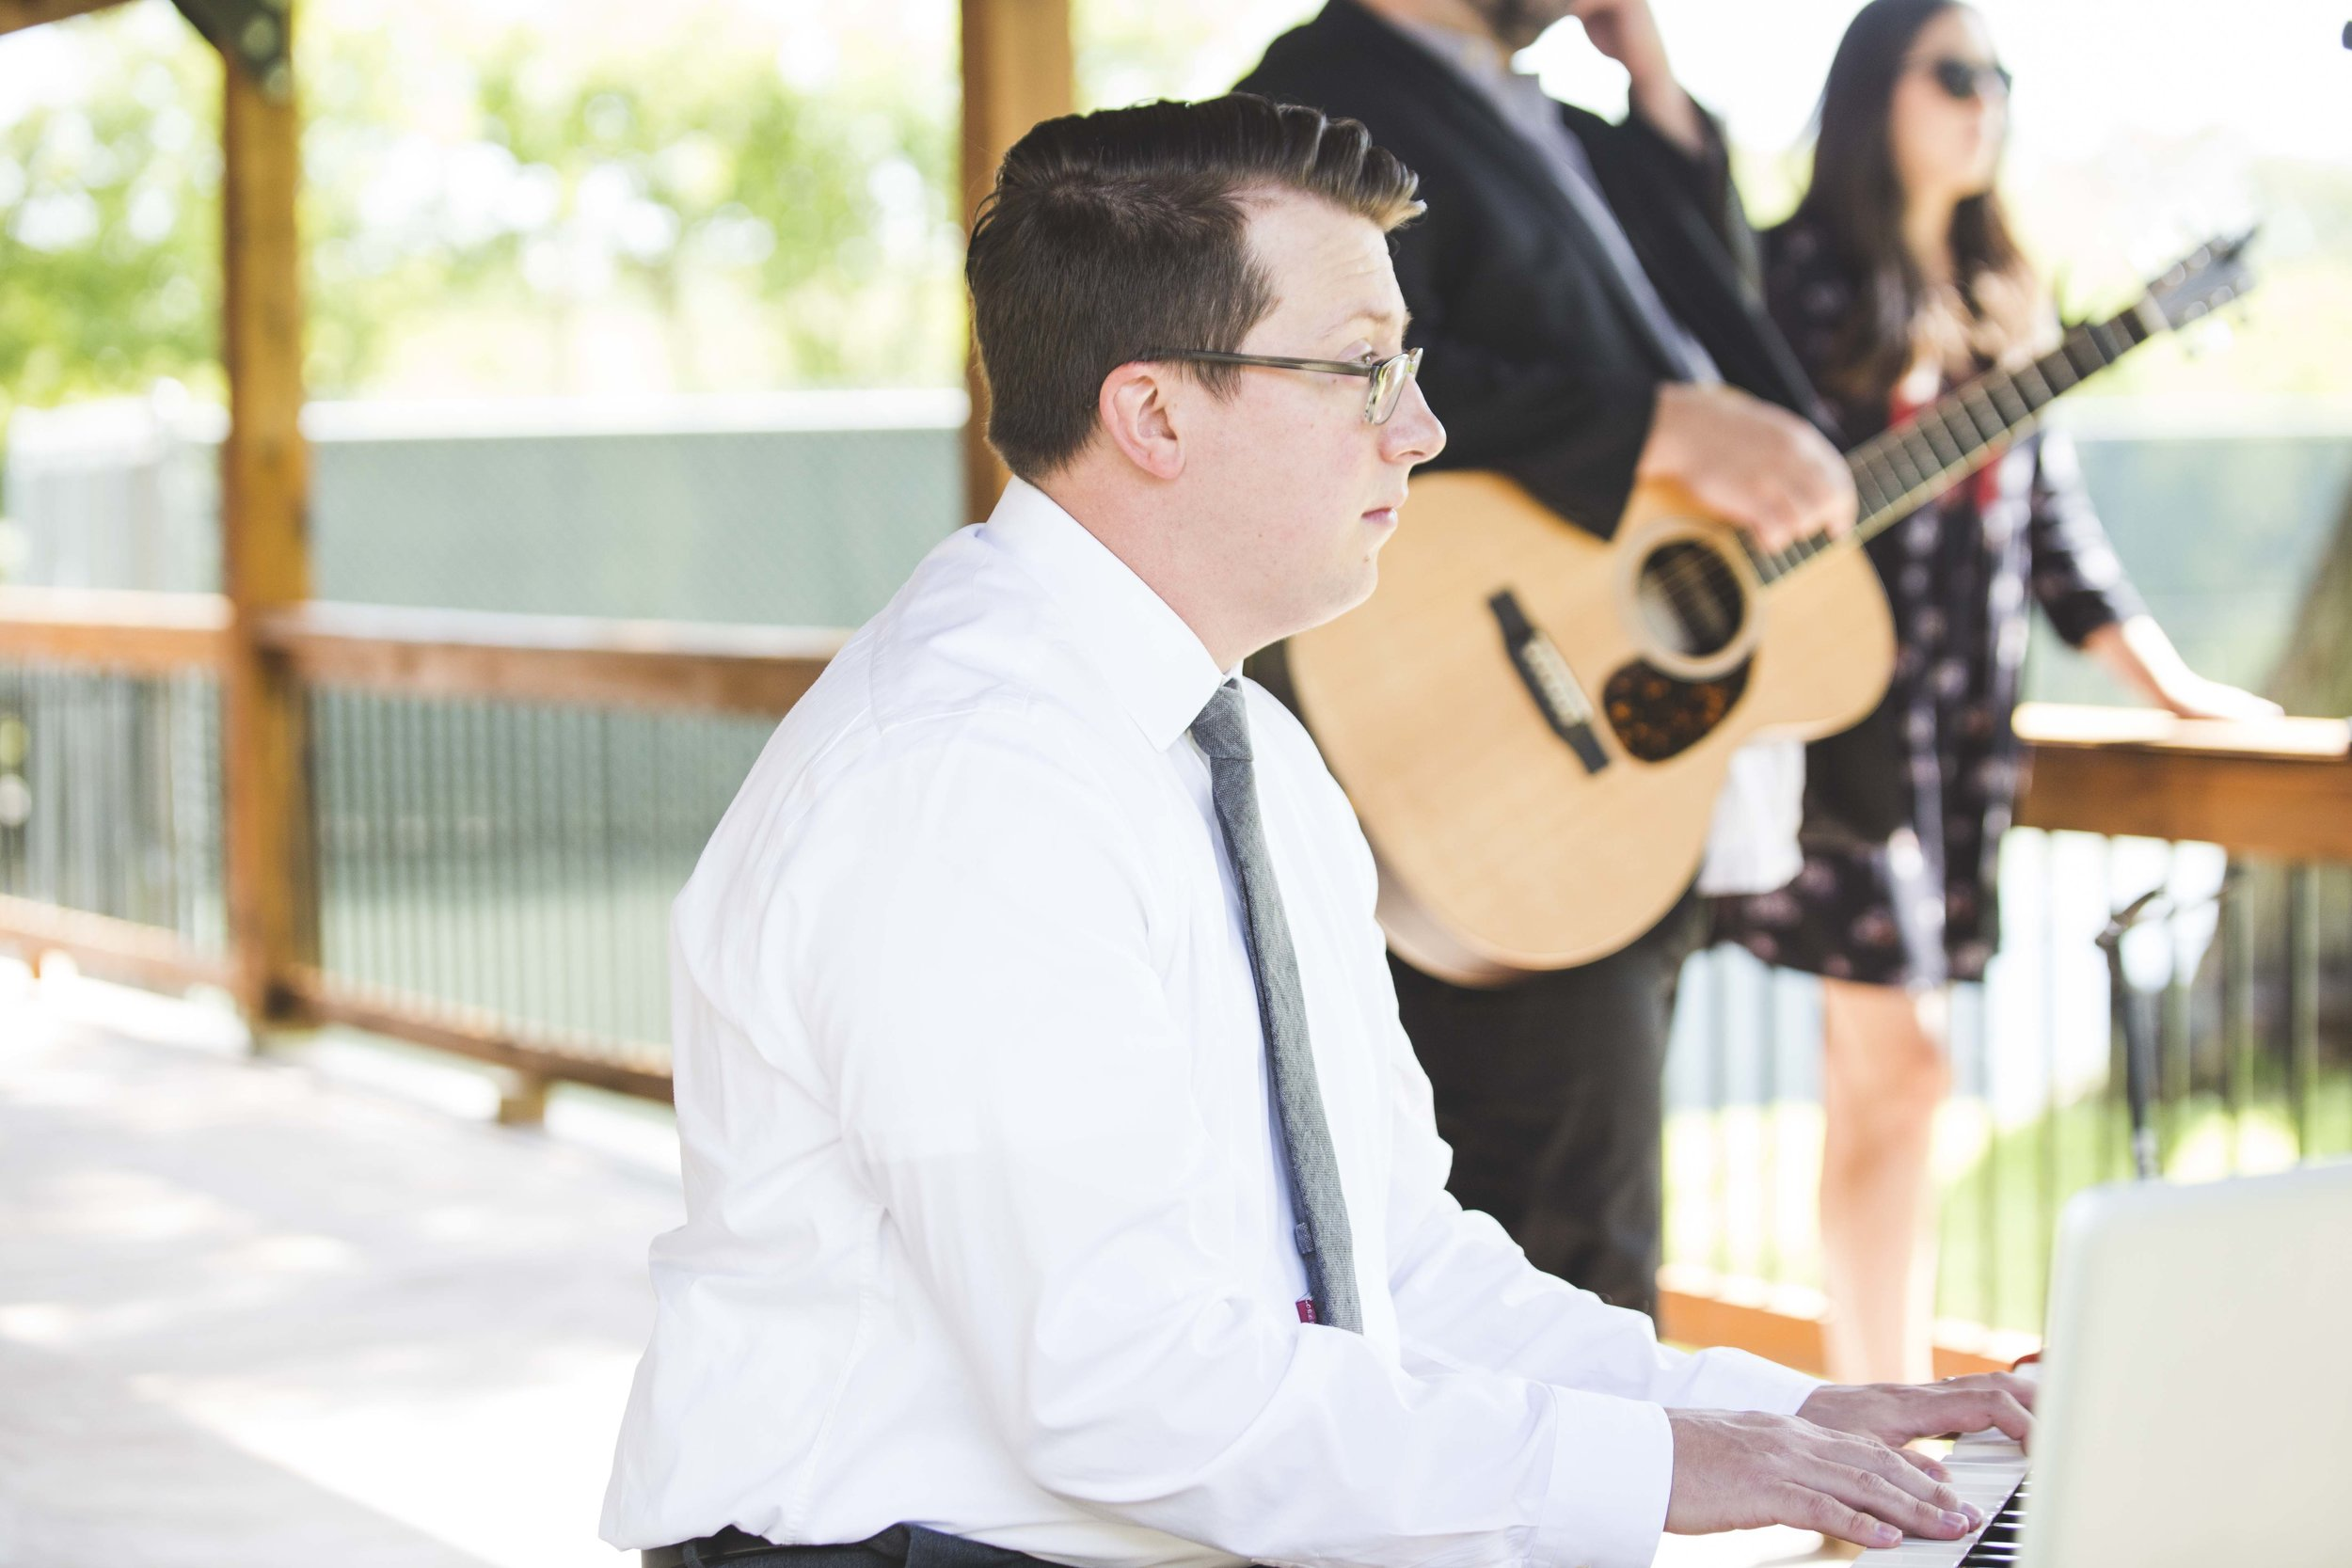 ATGI_Susanna & Matt Wedding_717A7430.jpg